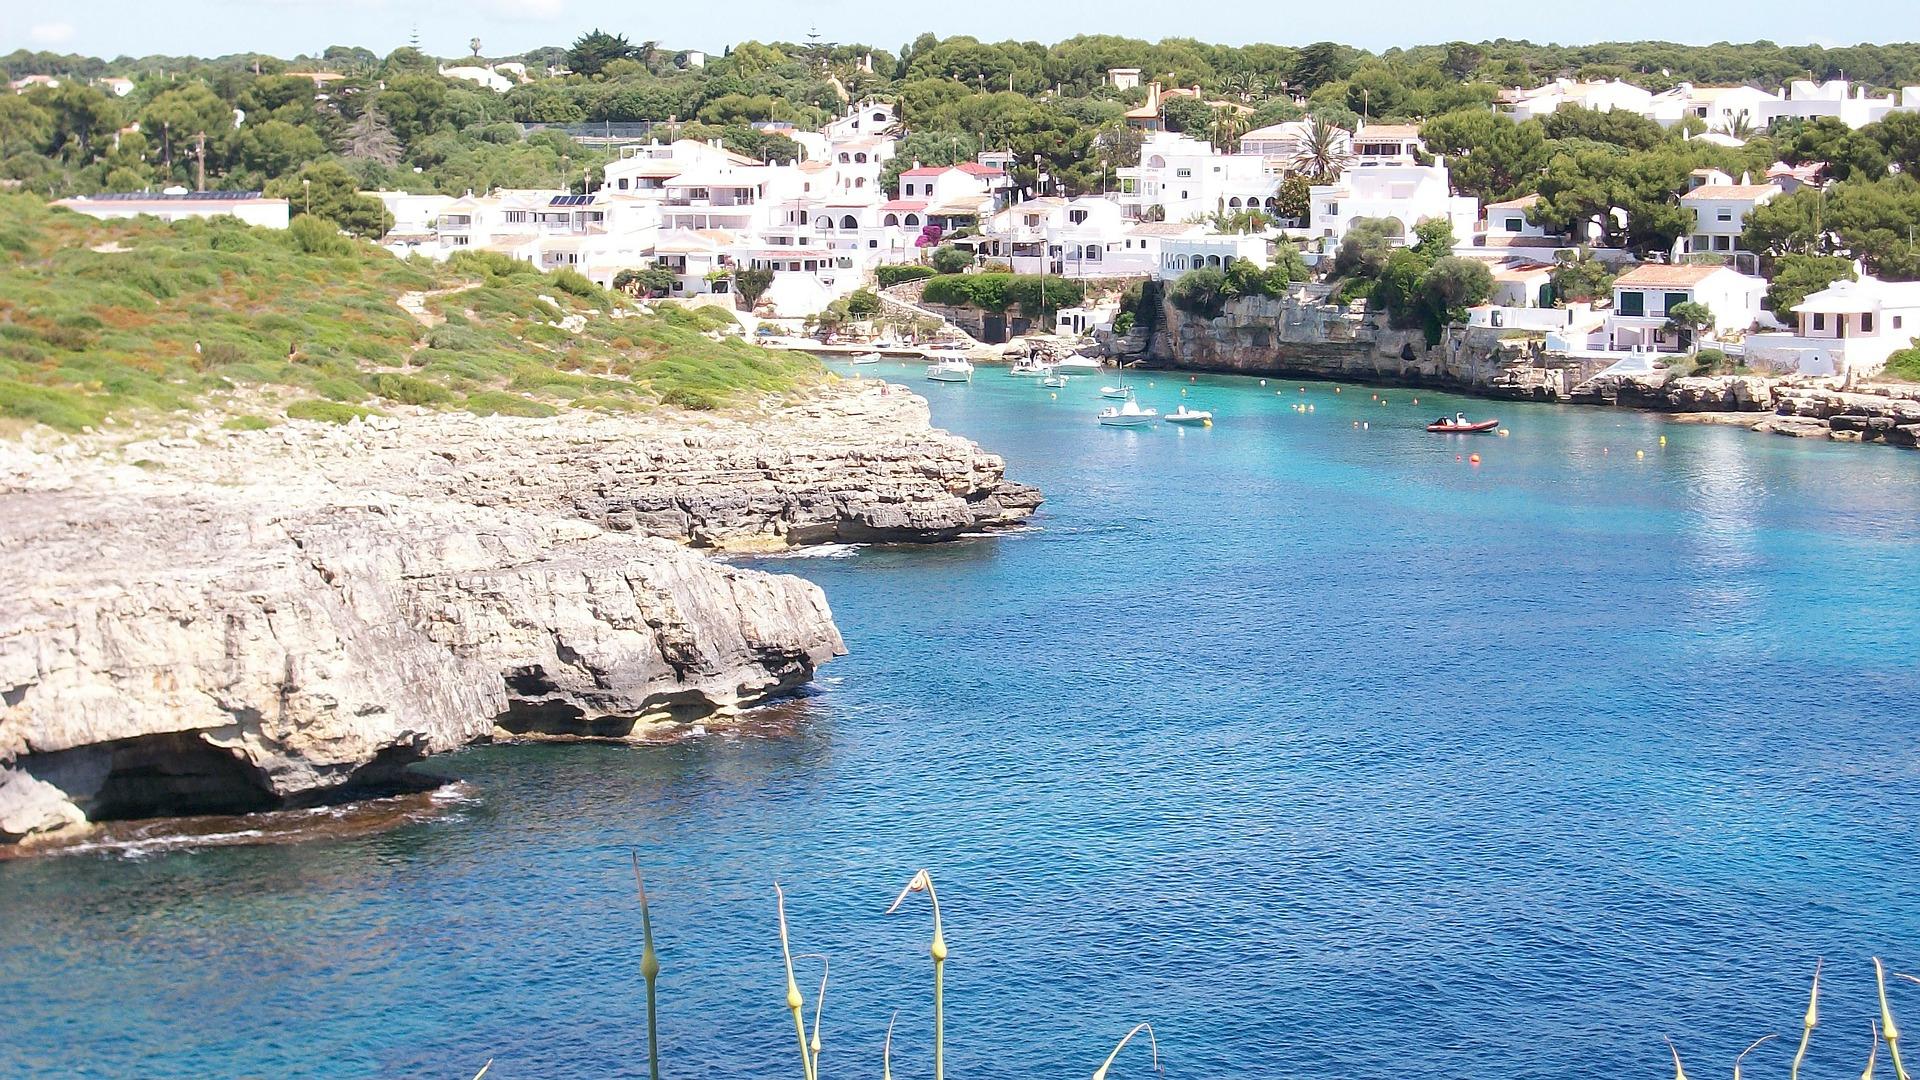 Unterwasserhöhlen auf den Balearen - S'Algar die Cenoten